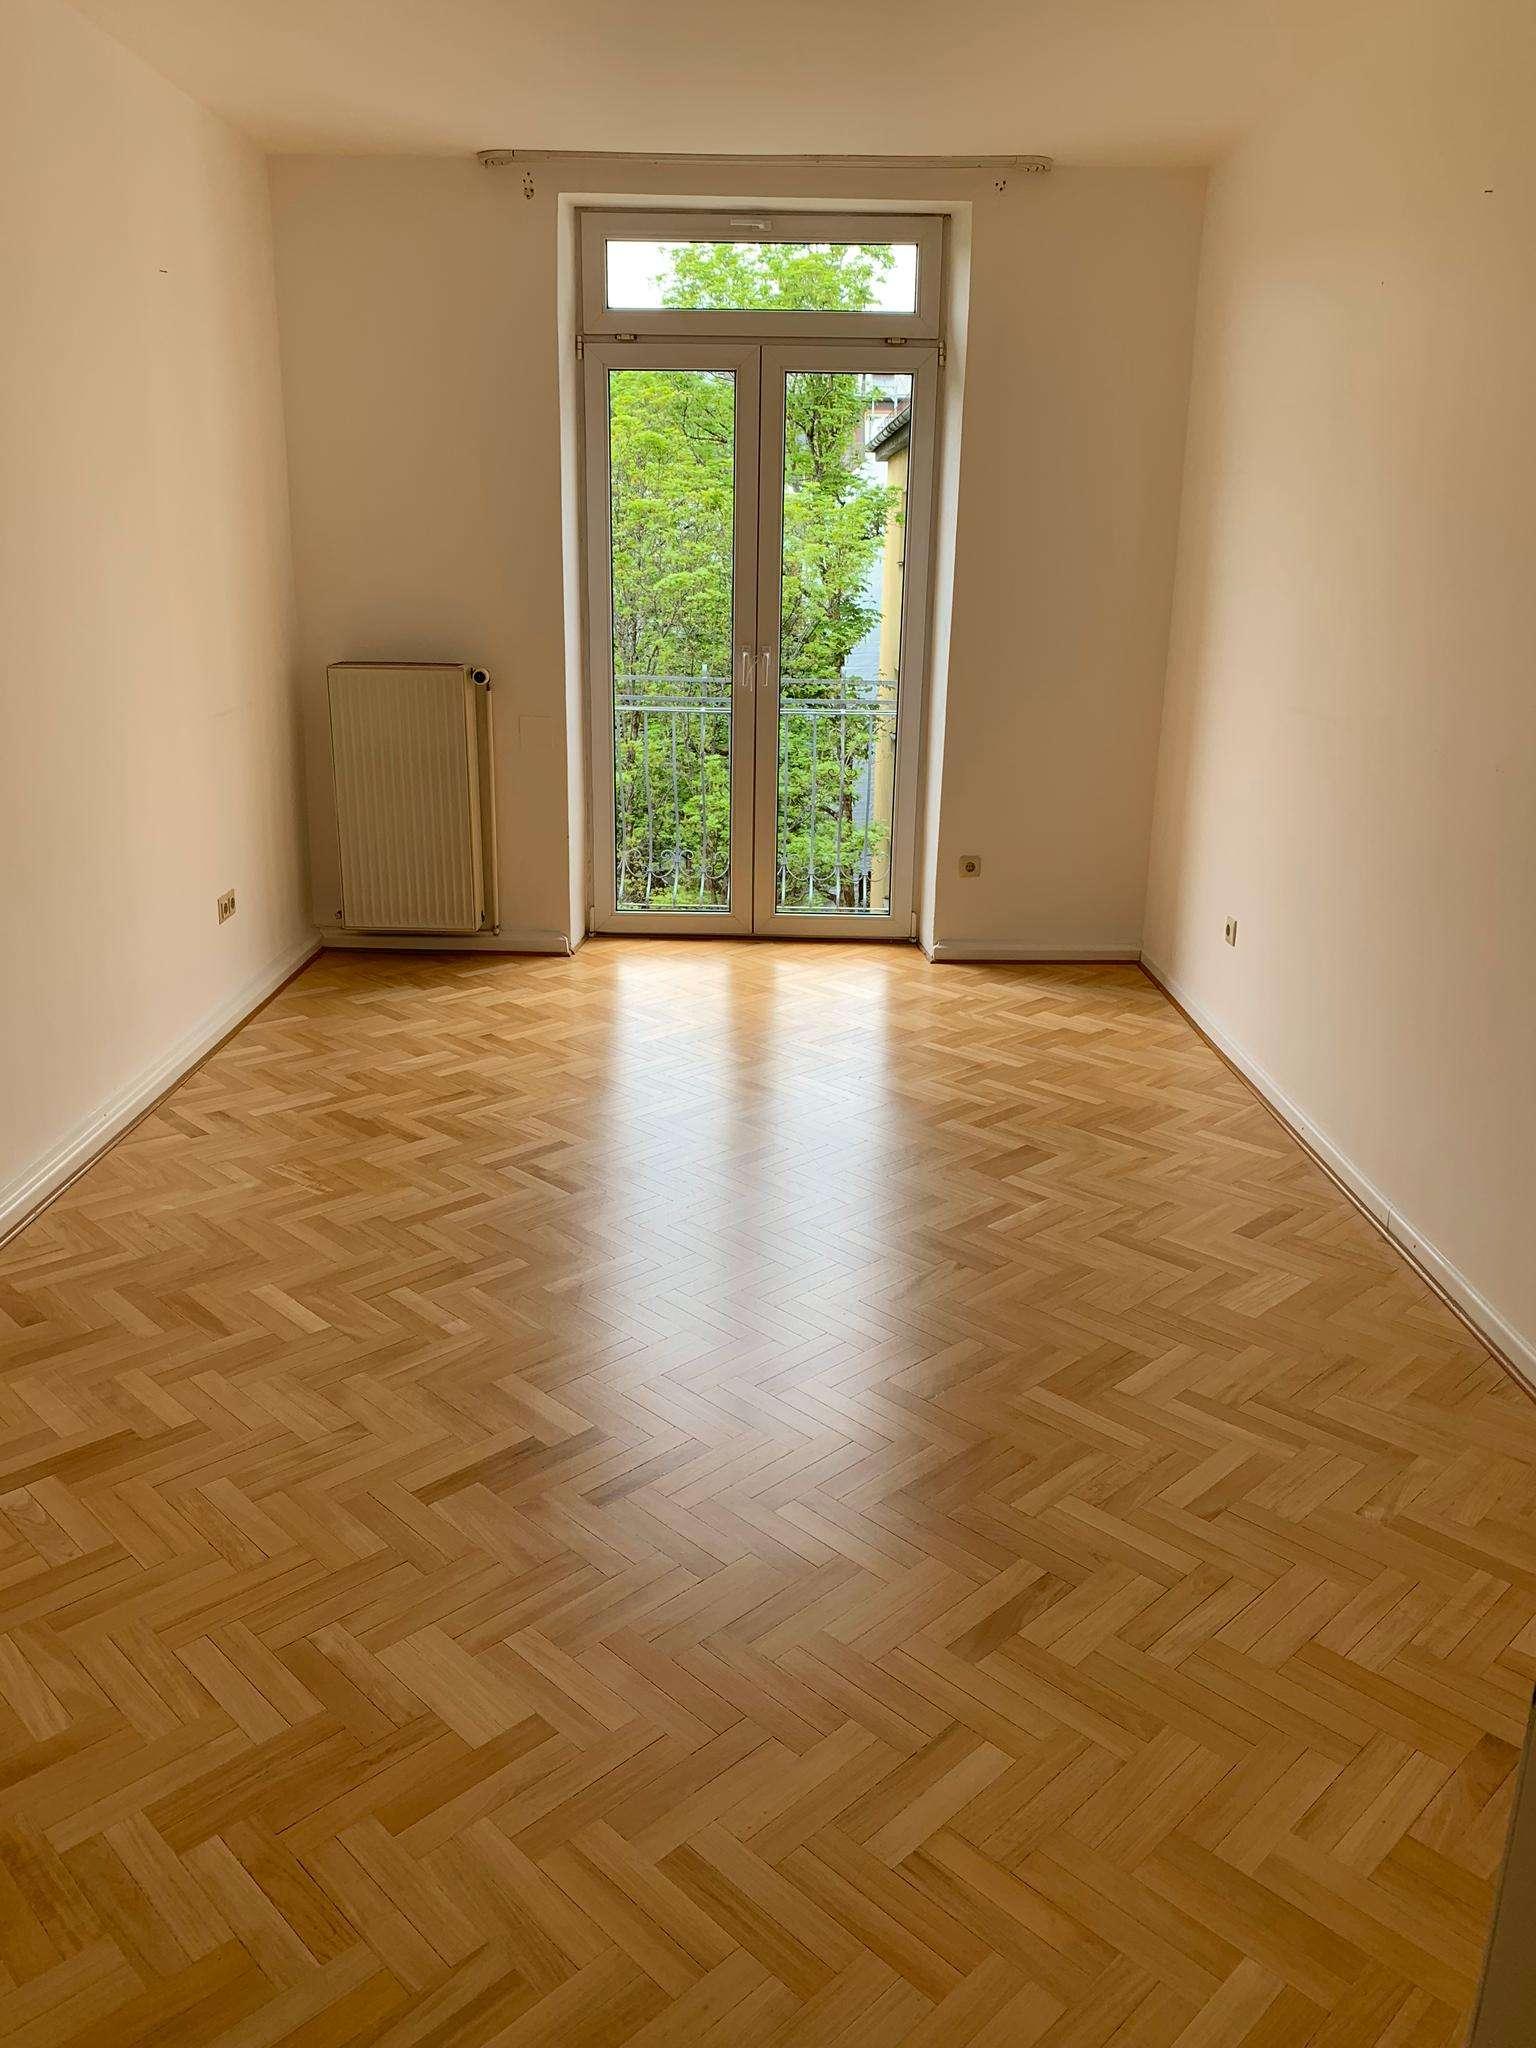 Exklusive, vollständig renovierte 2-Zimmer-Wohnung mit Balkon und EBK in Neuhausen, München in Neuhausen (München)